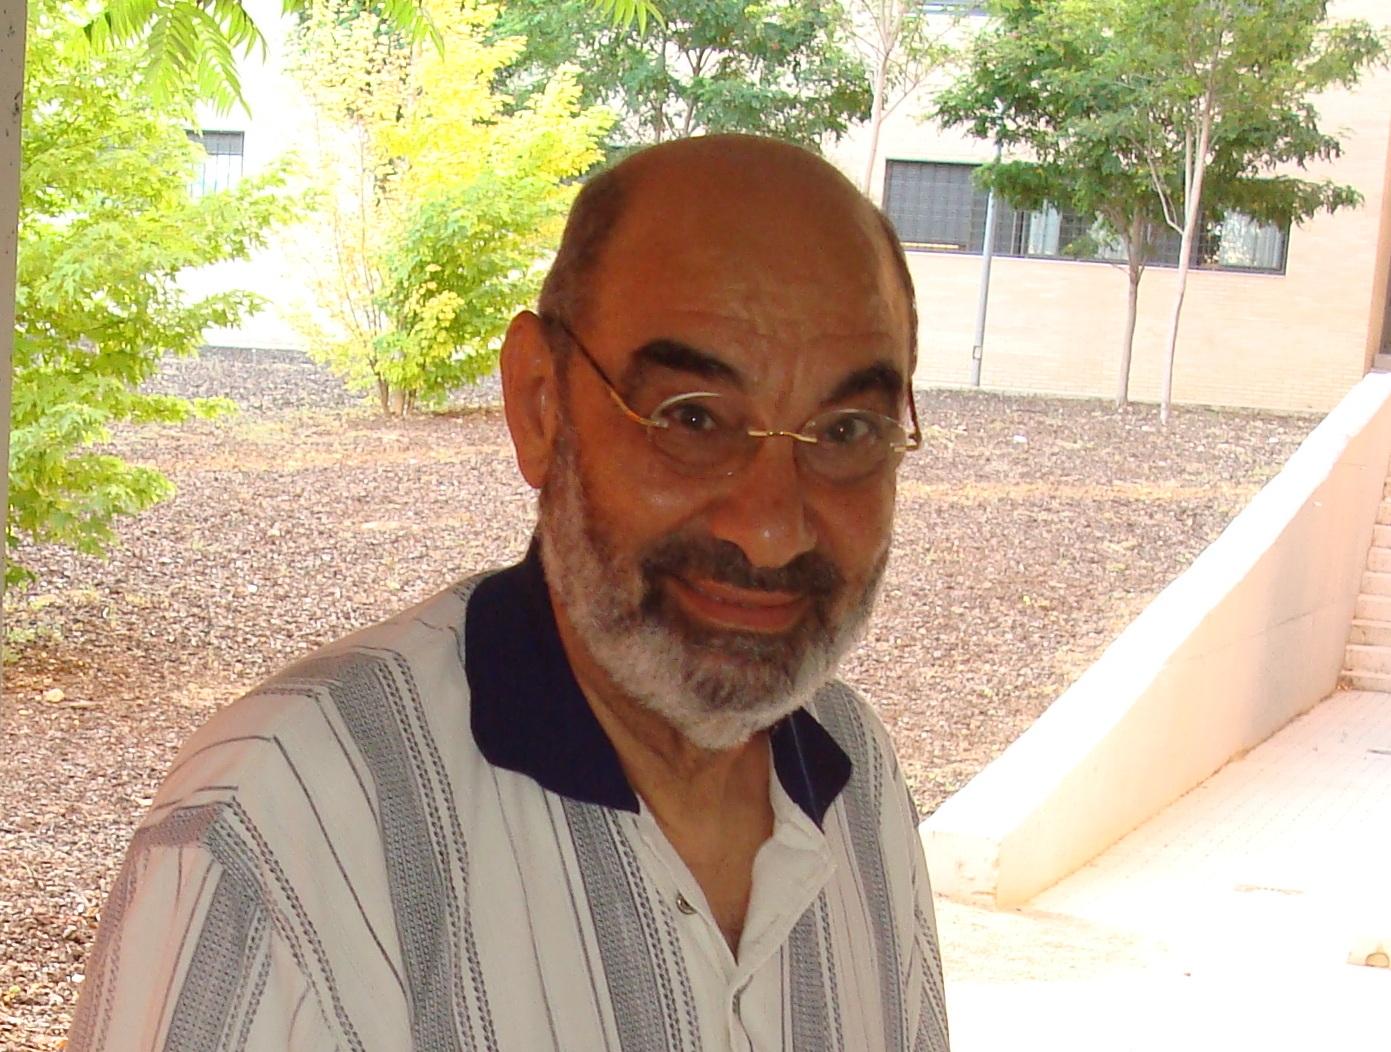 الأستاذ الشيخ إسماعيل الكيلاني ،